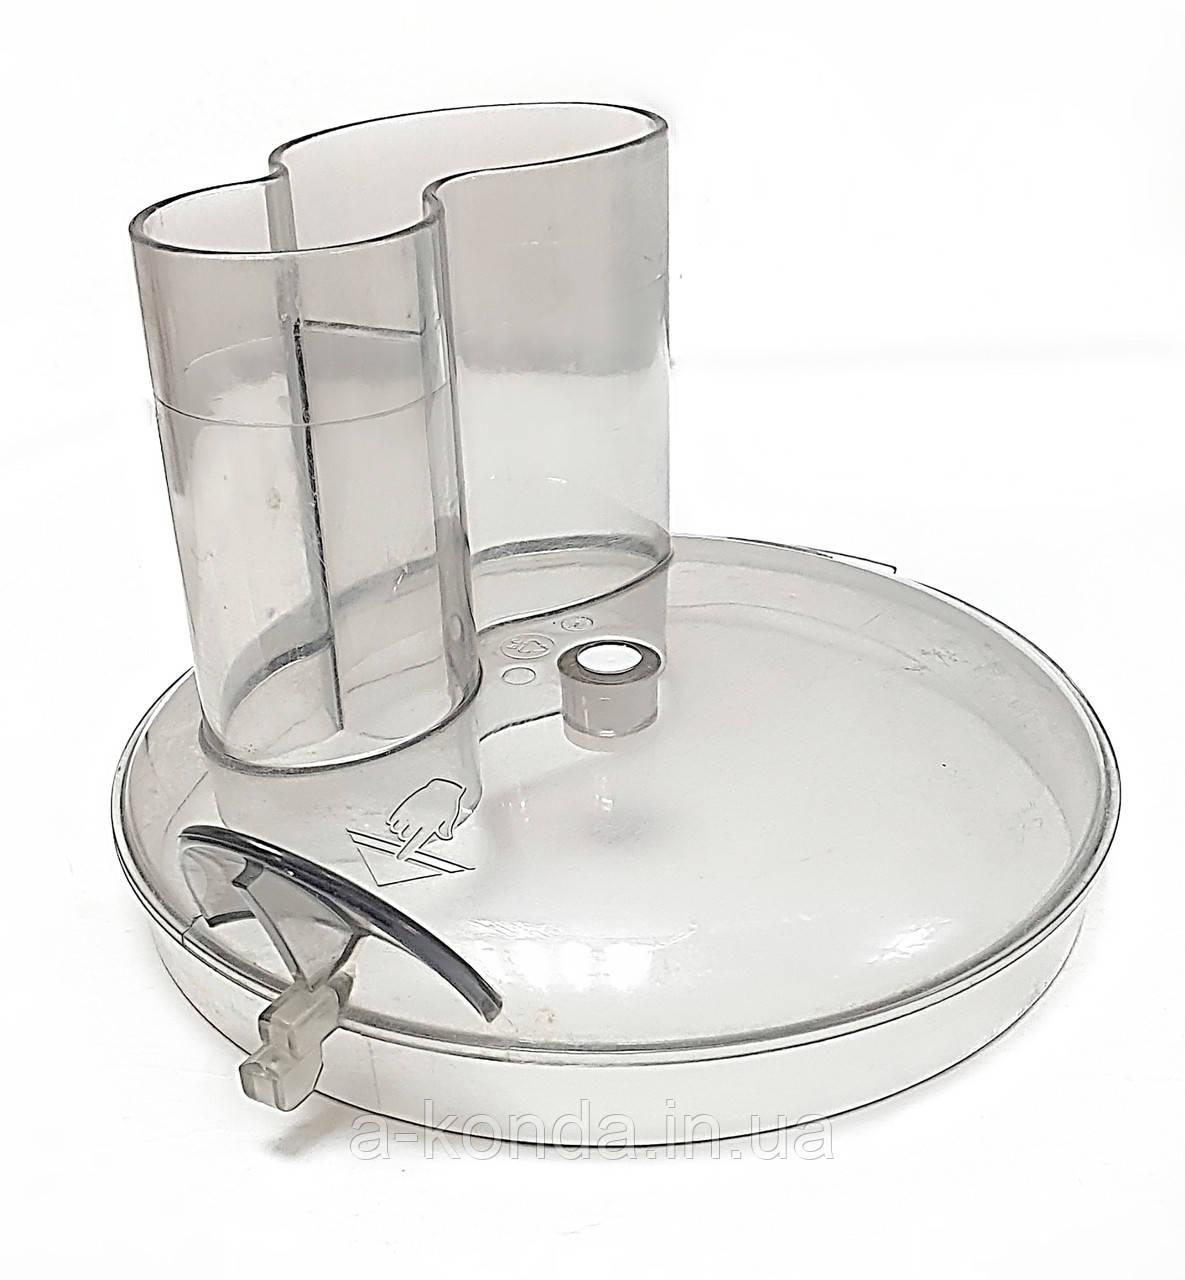 Крышка основной чаши 1500ml для кухонного комбайна Zelmer 877. 0110